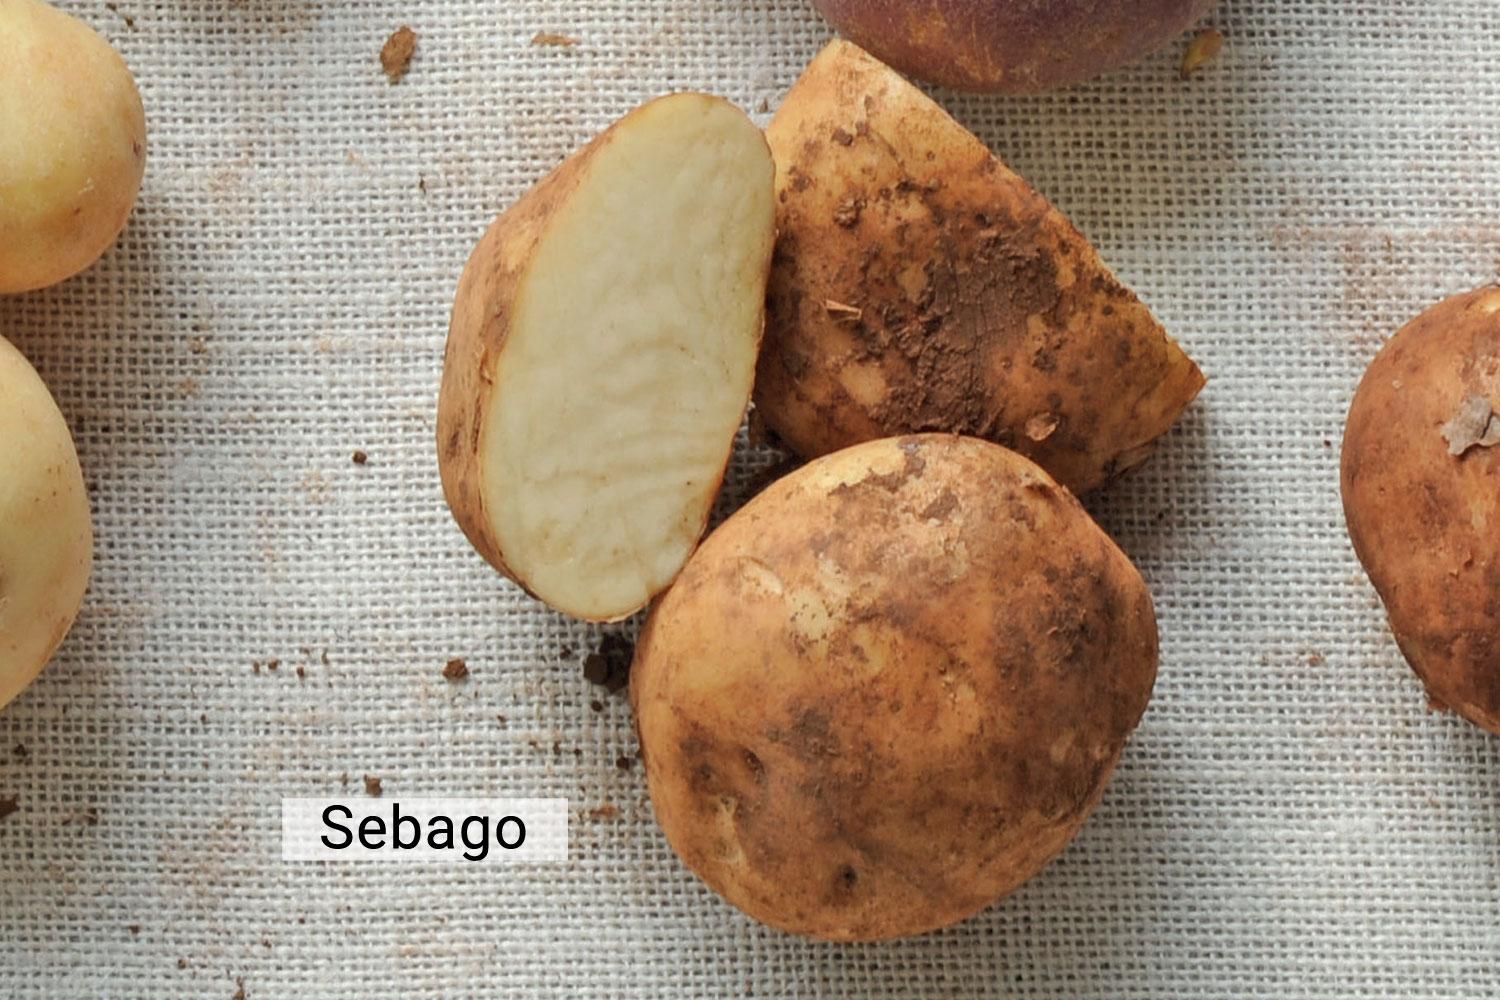 Sebago potato